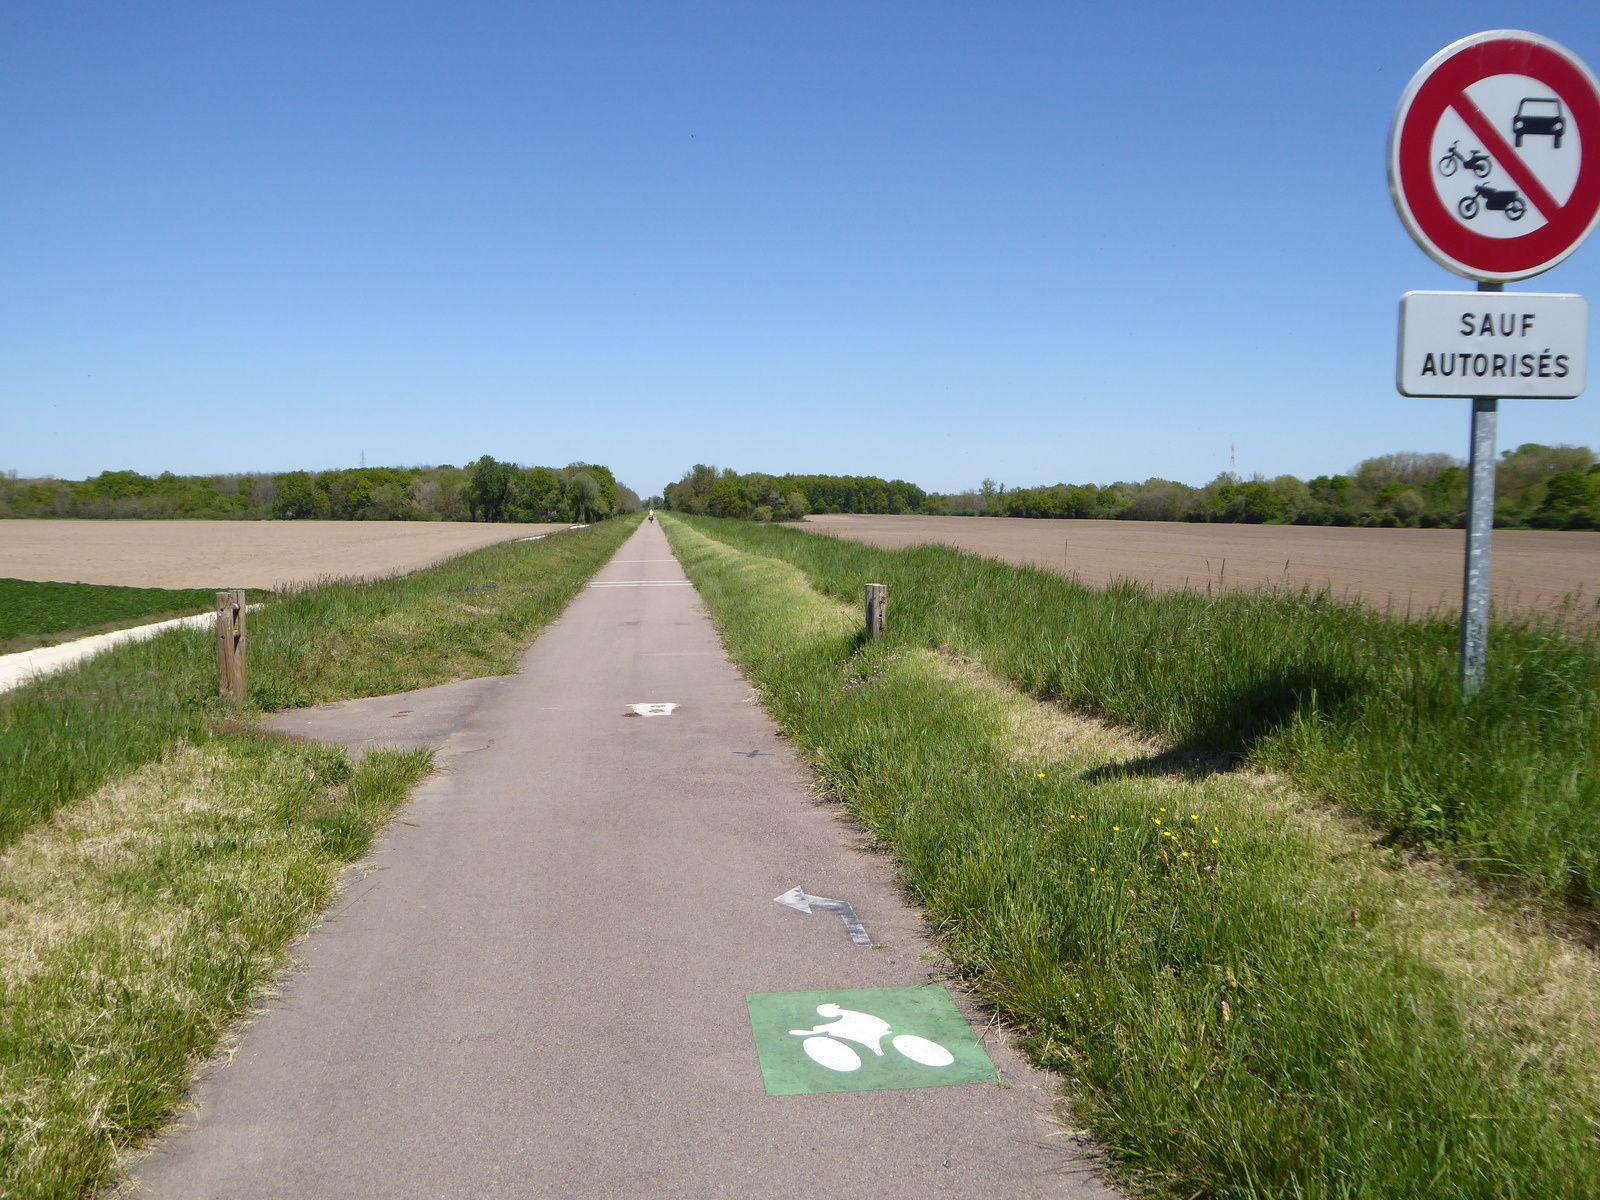 La Loire à vélo: Nevers - Orléans